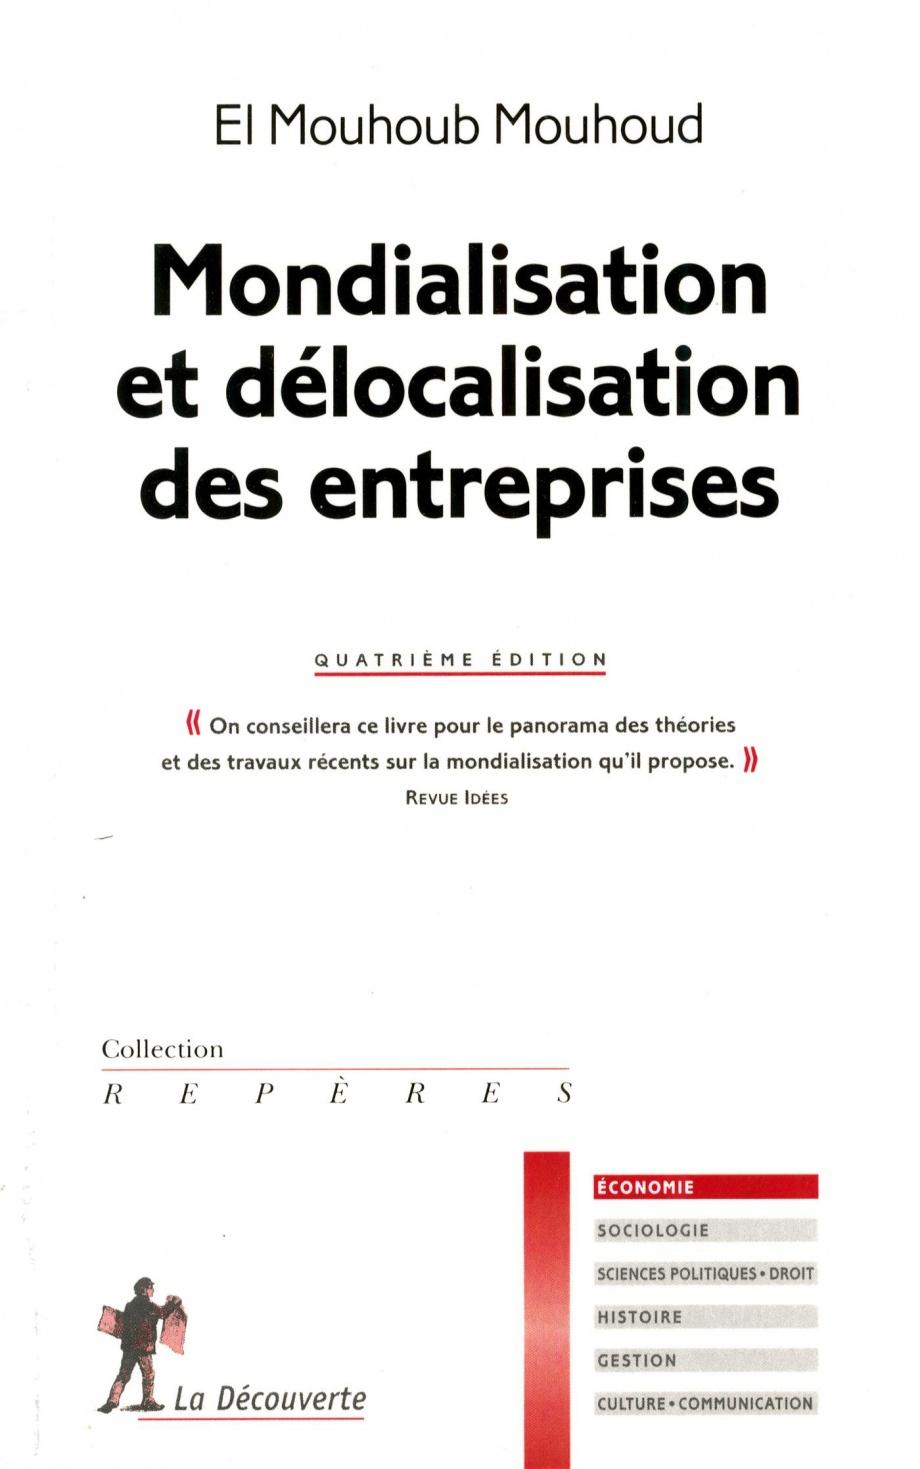 Mondialisation et délocalisation des entreprises - El Mouhoub Mouhoud